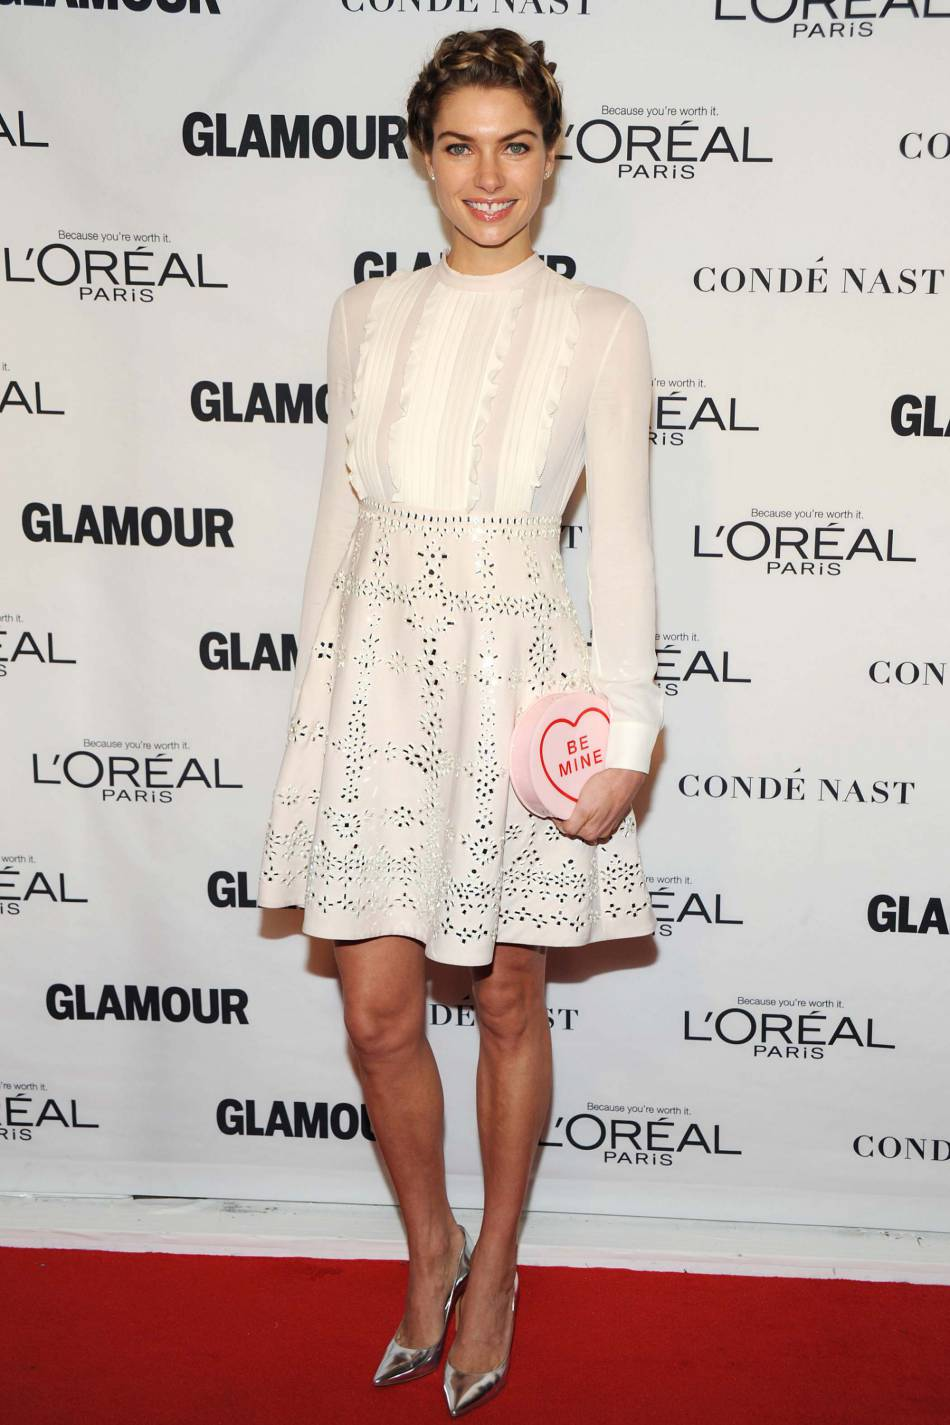 Jessica Hart aux Glamour Awards le 9 novembre 2015 à New York.